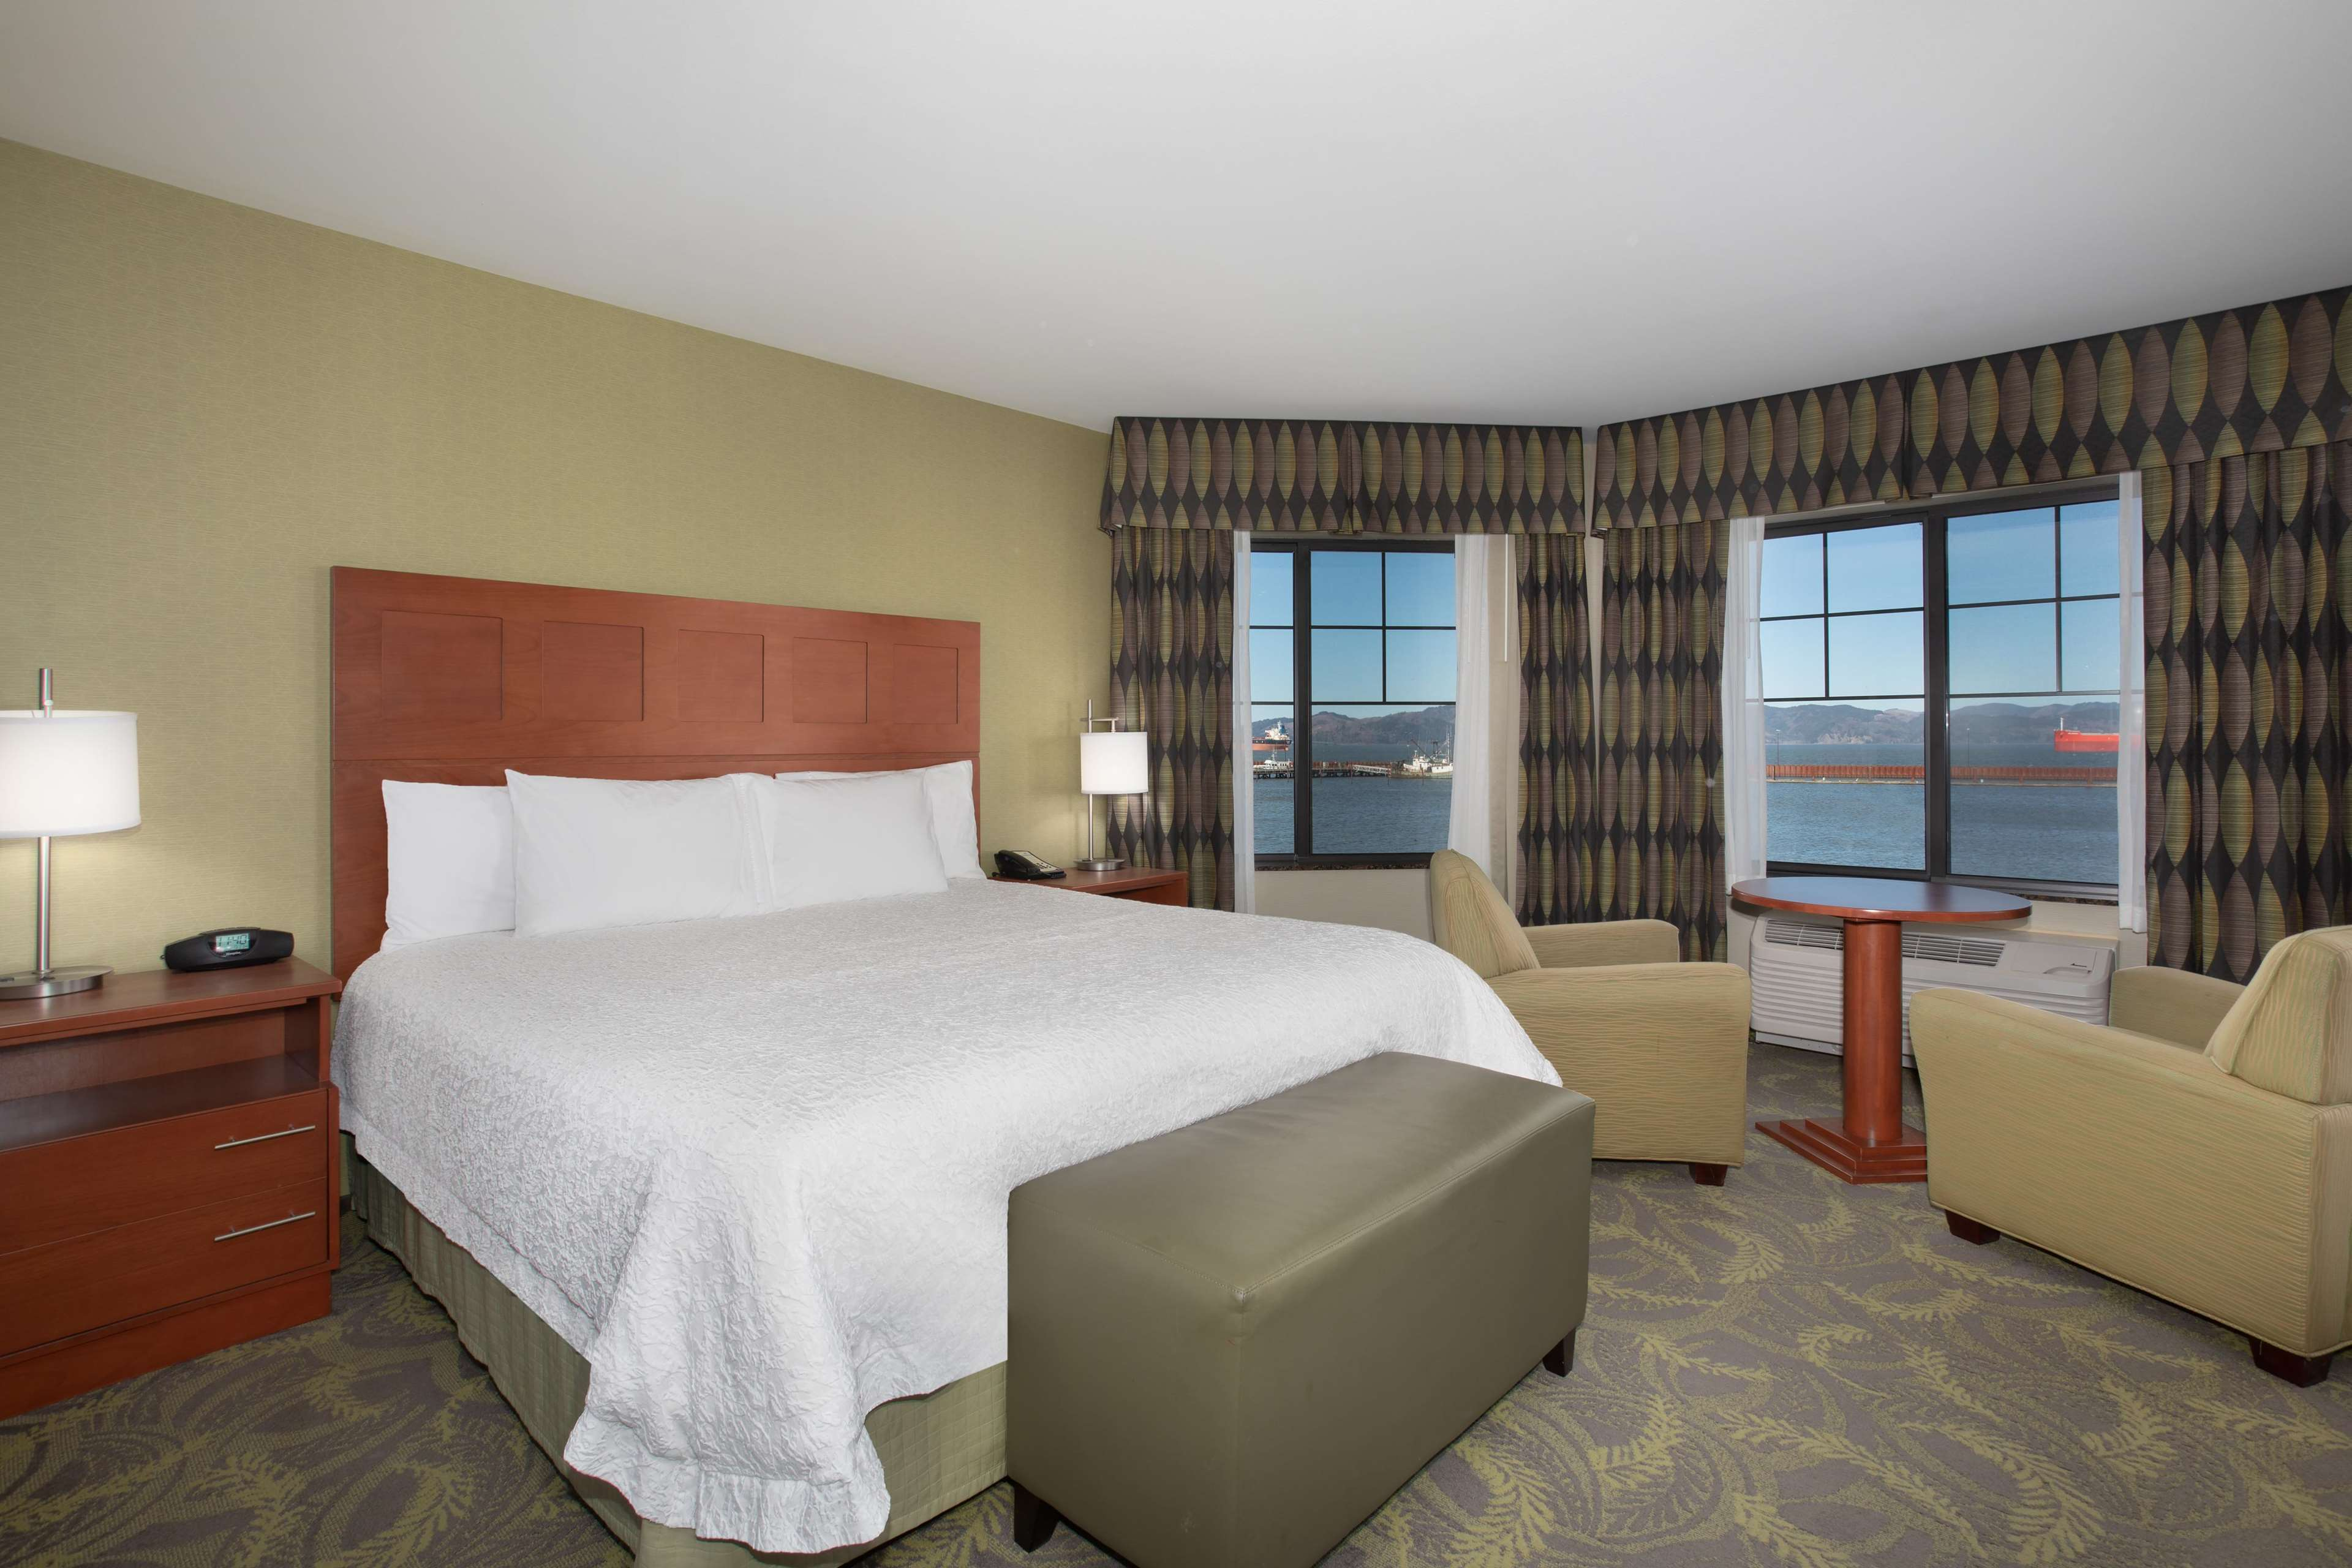 Hampton Inn & Suites Astoria image 65